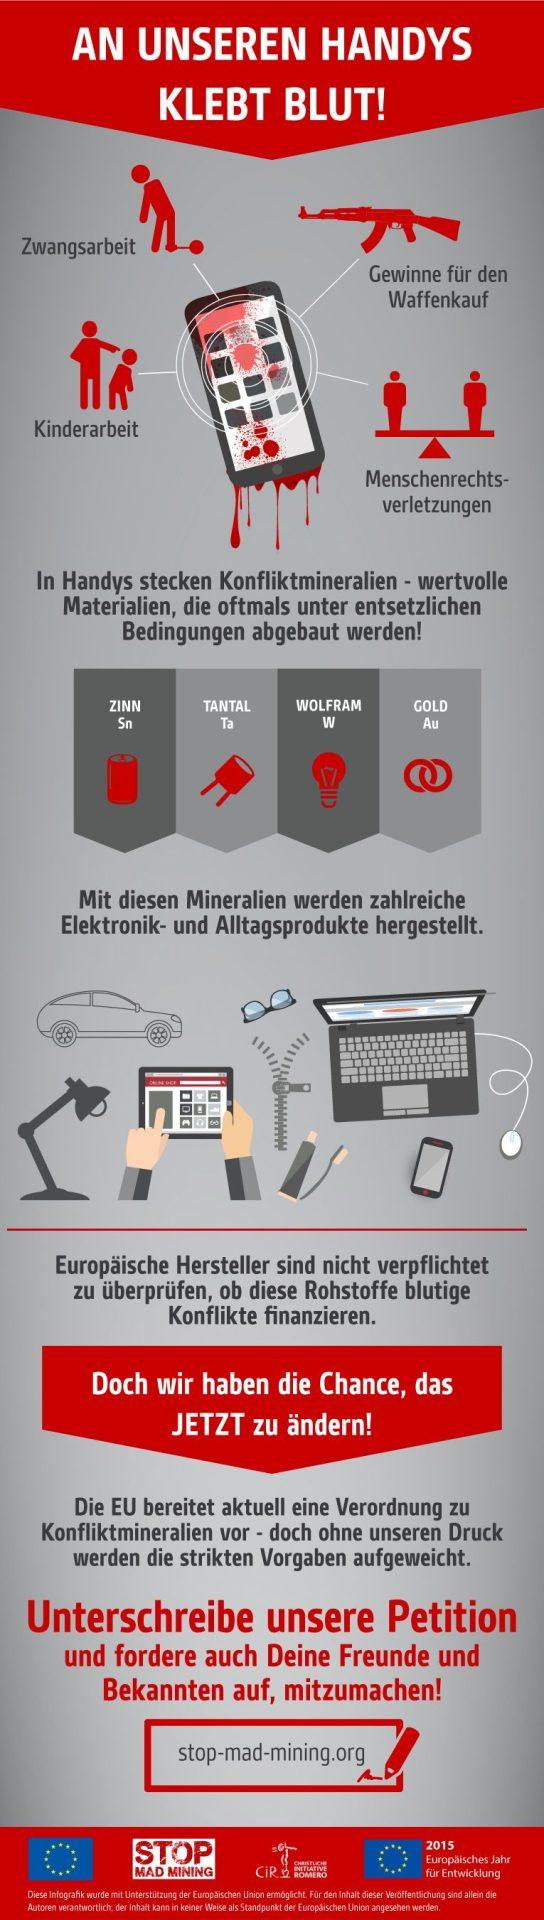 InfographicConflictMinerals DE